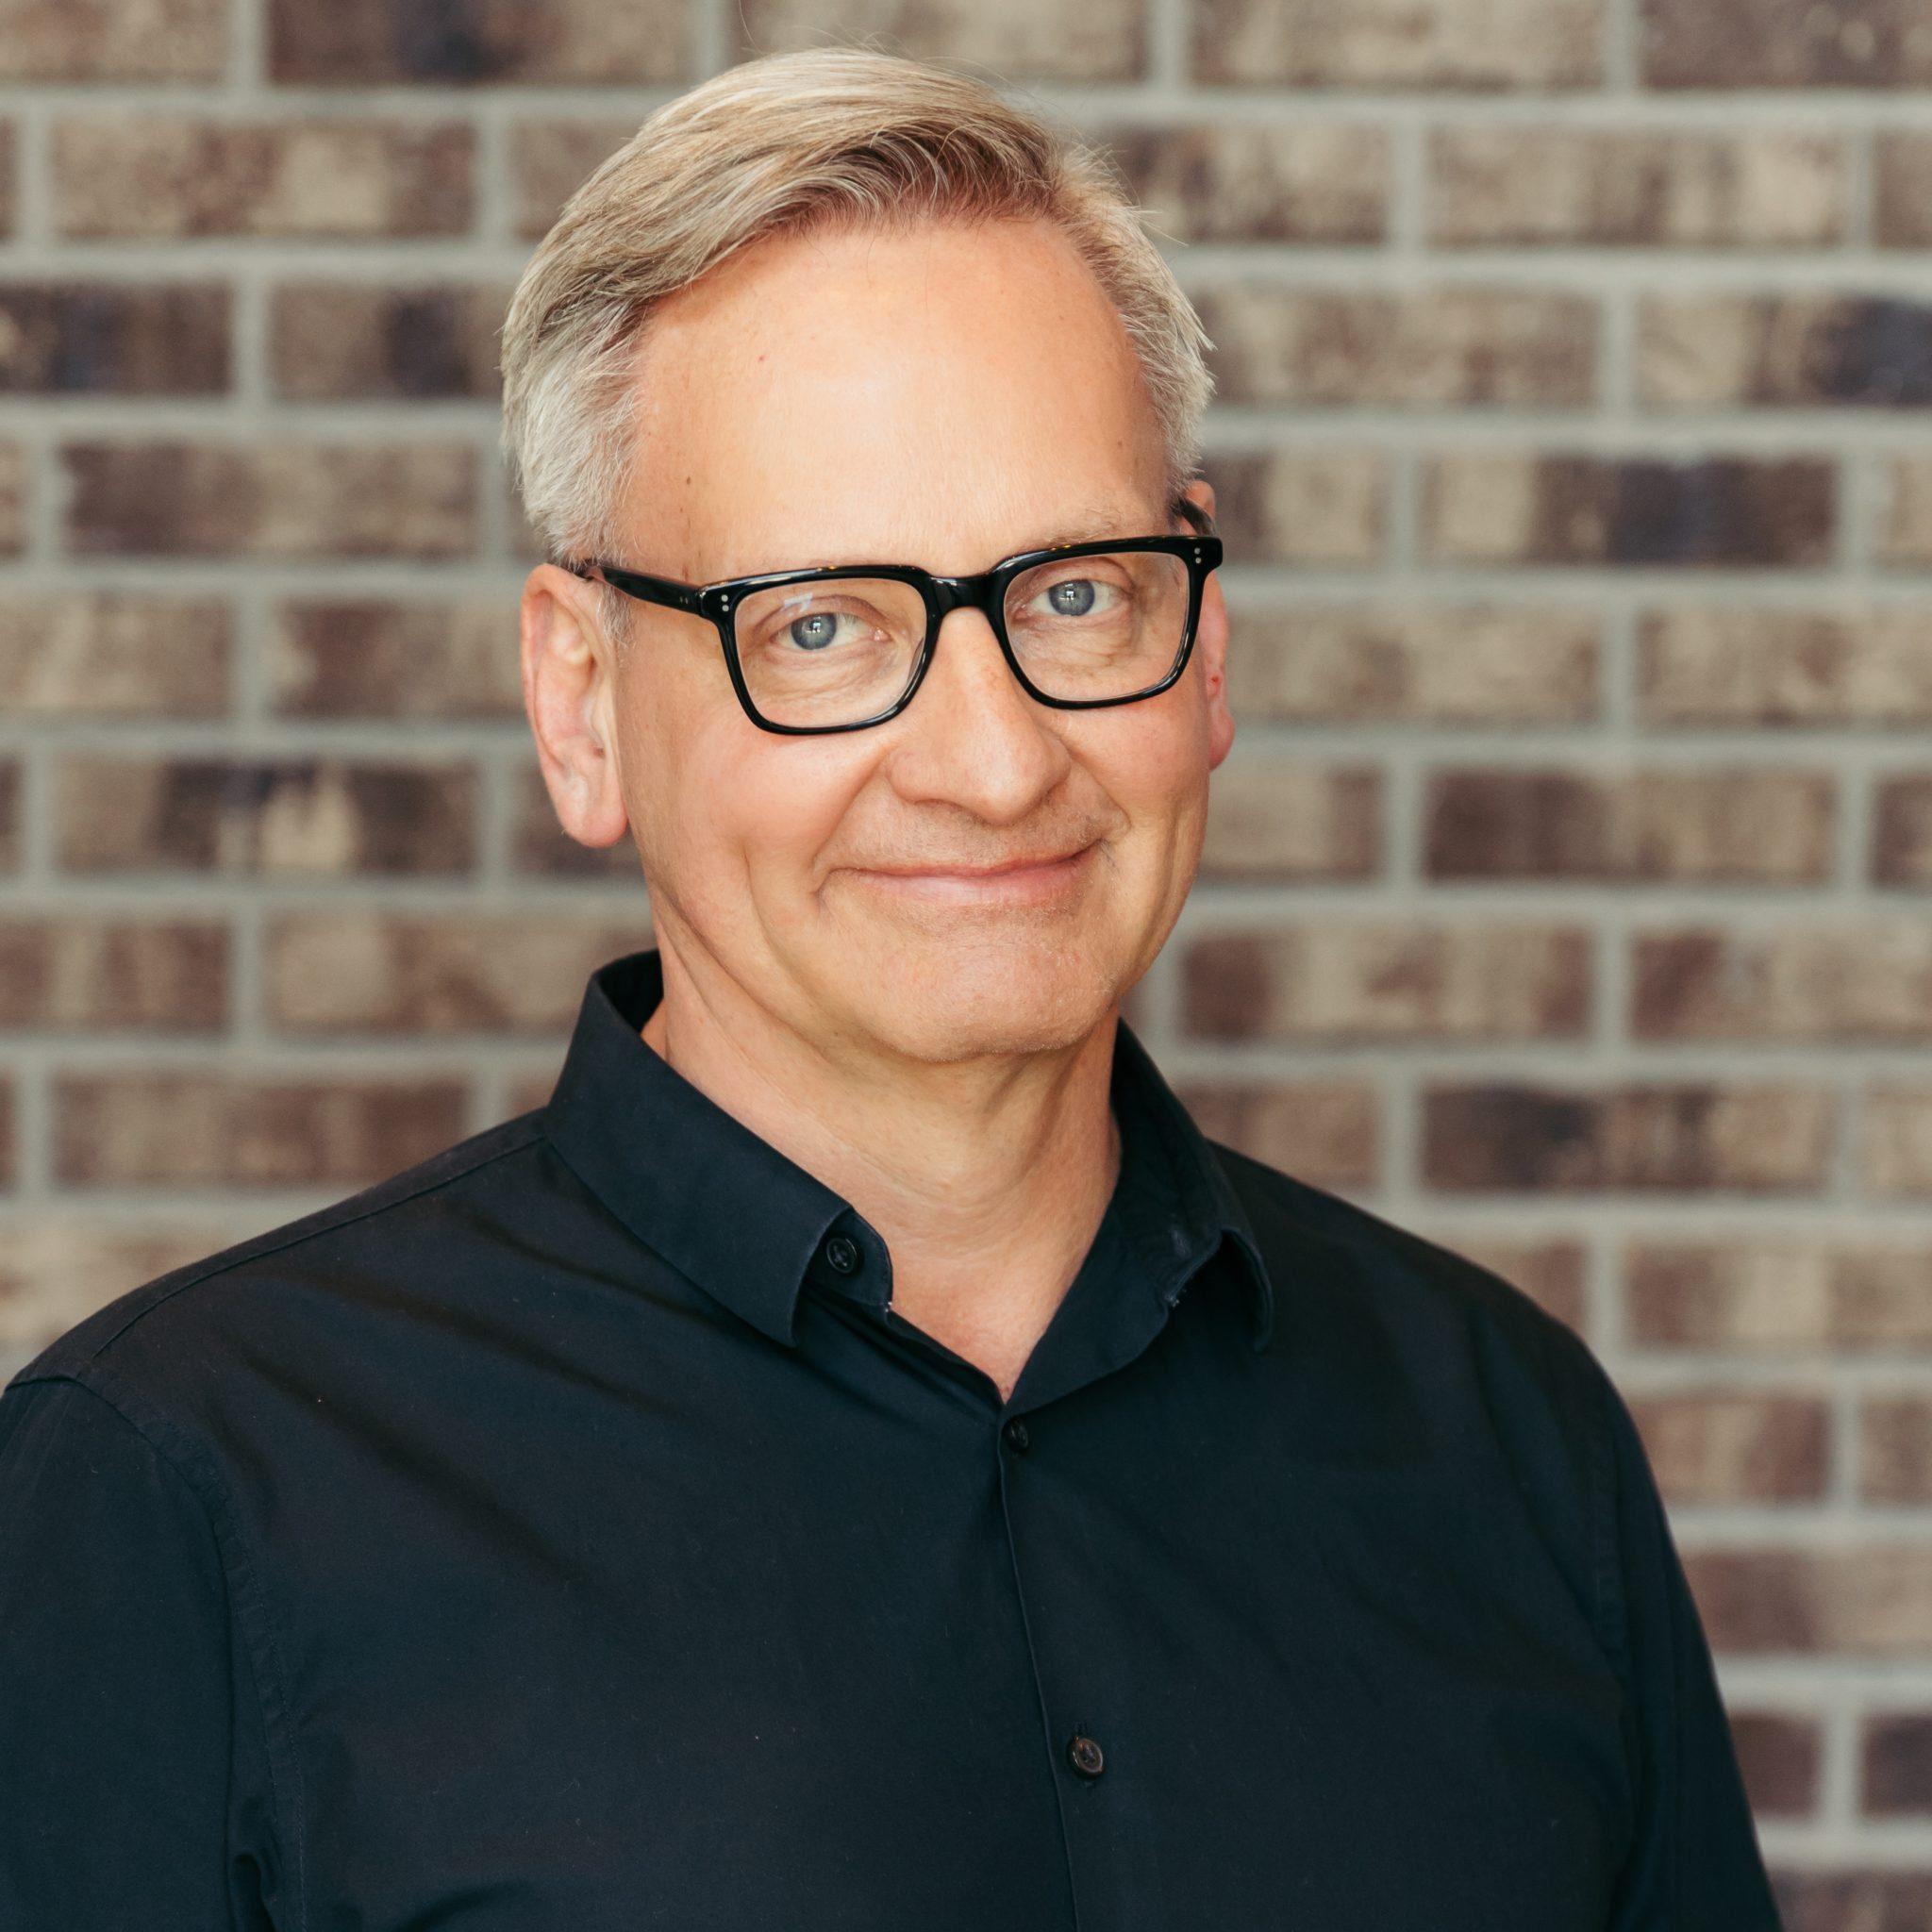 Dentist in West Kelowna | New Look Dental Team Kevin Andersen